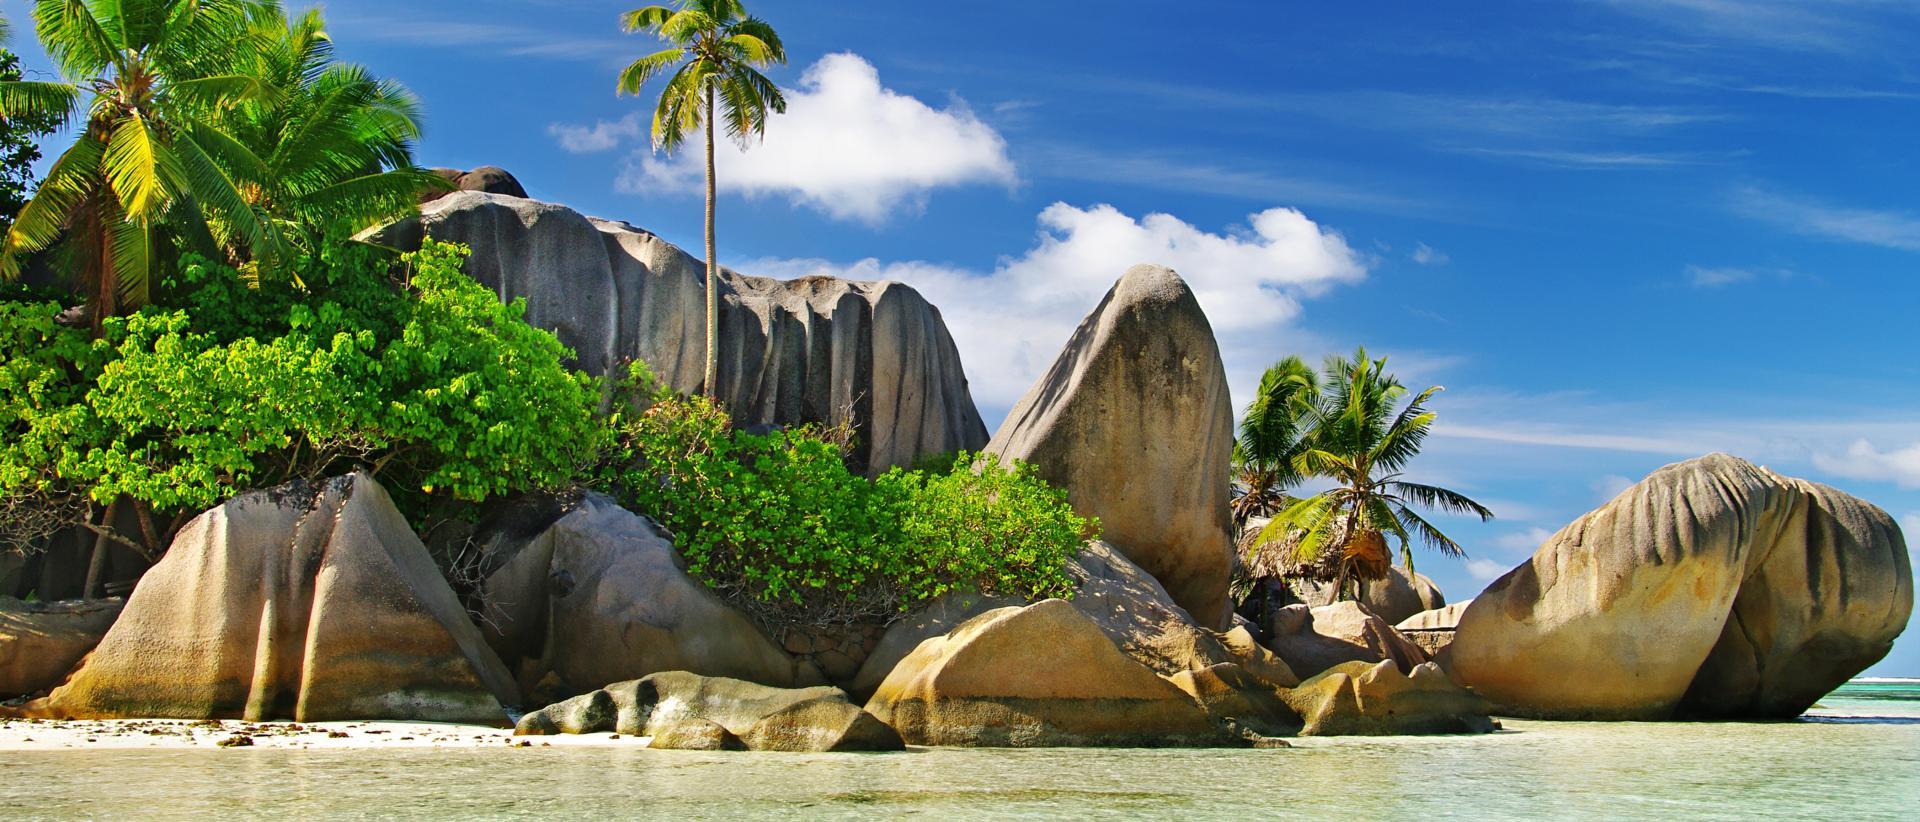 TripAdvisor Seychelles' Vallée de Mai named Top Global Attraction